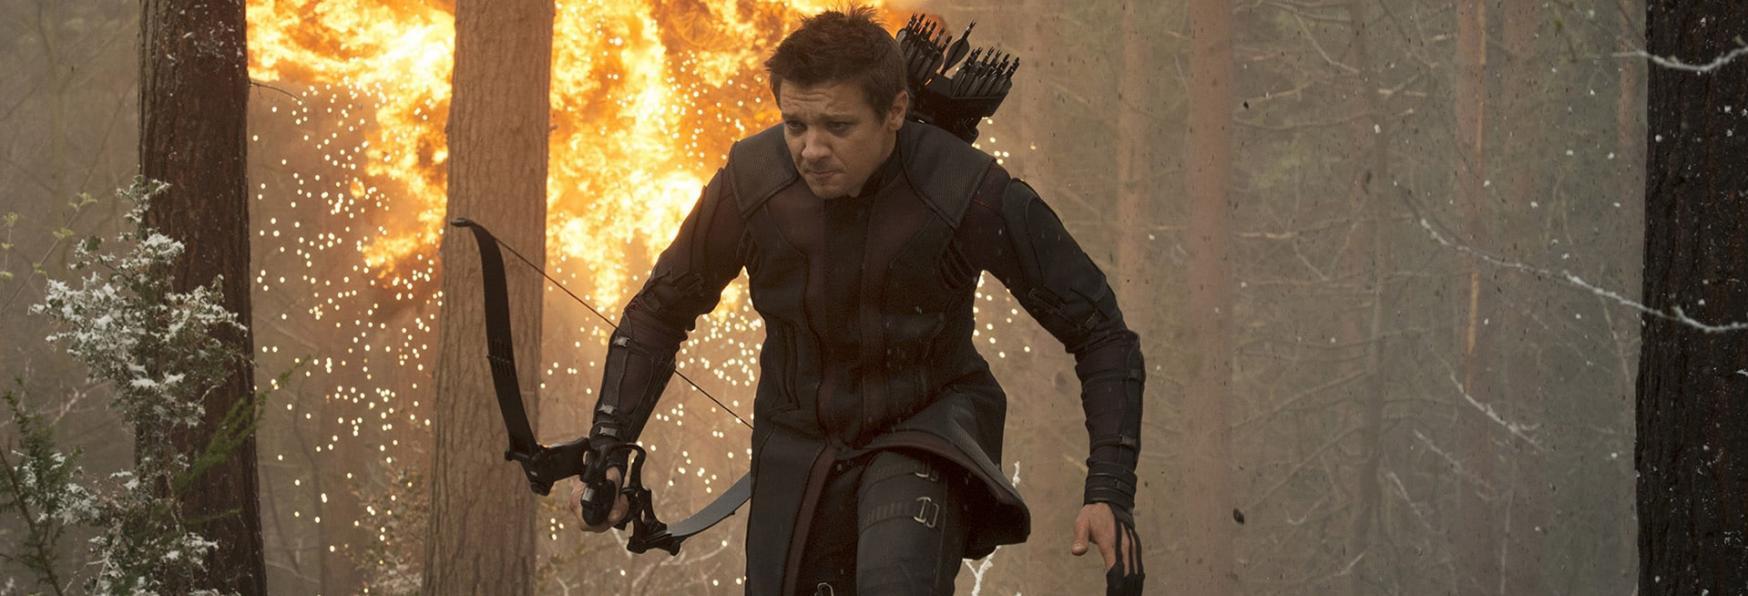 Hawkeye: nuove Foto dal Set svelano alcuni nuovi Dettagli